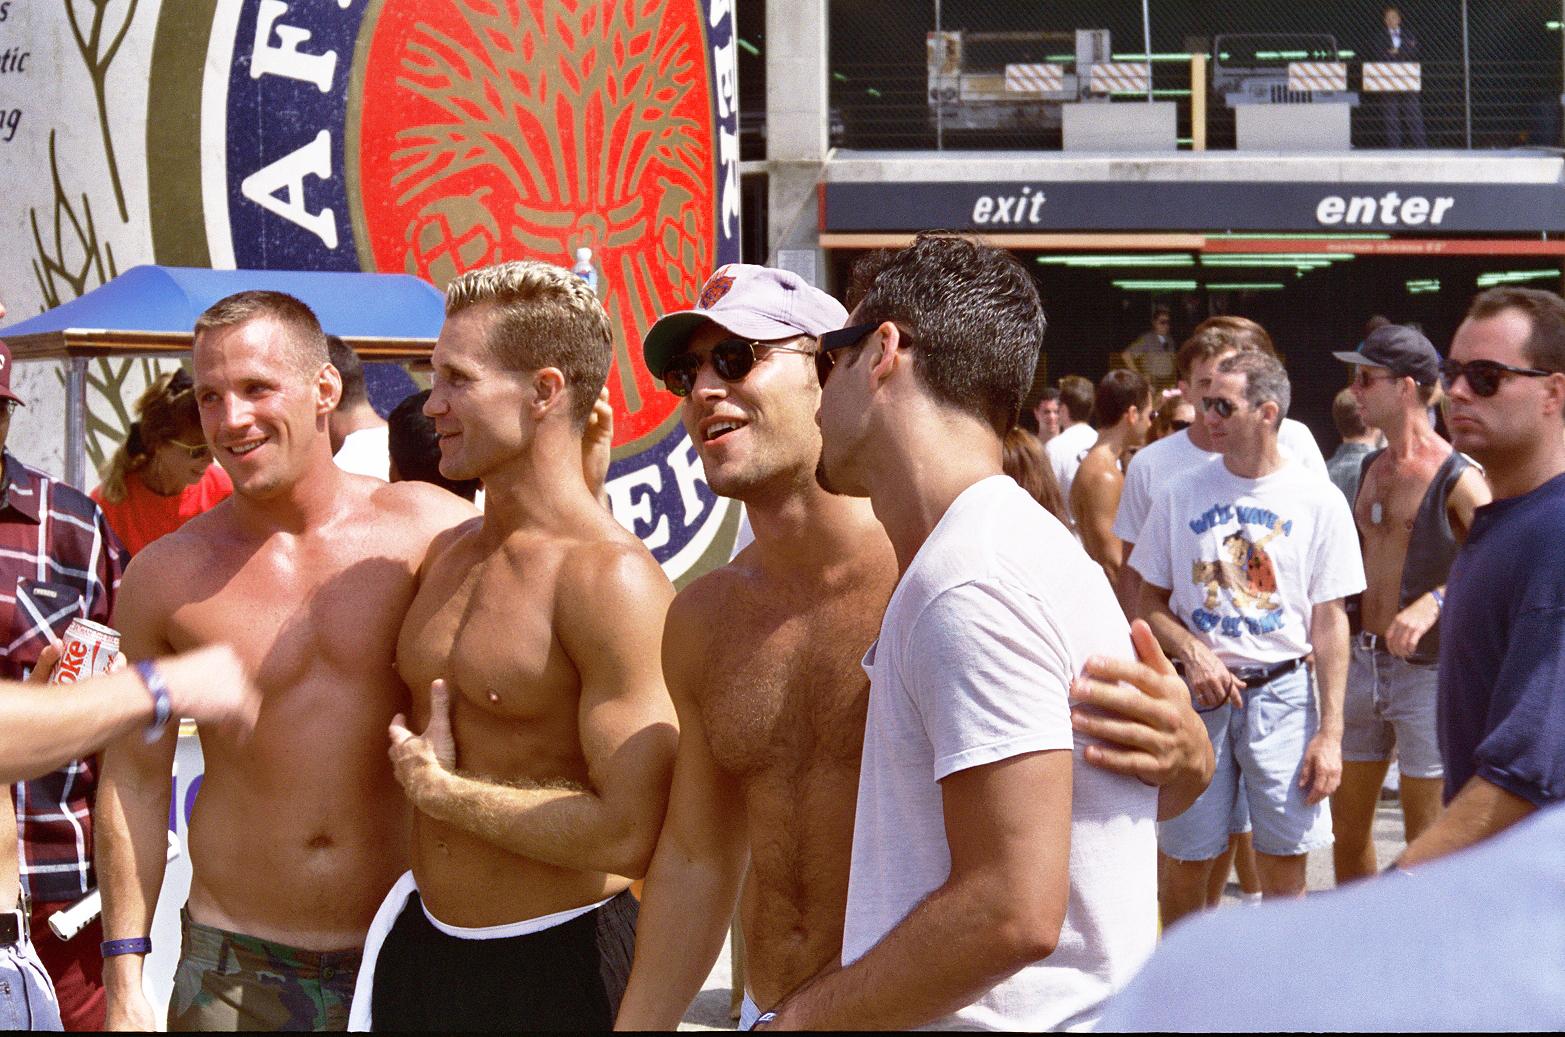 la-pride-1987-1995_22123043328_o